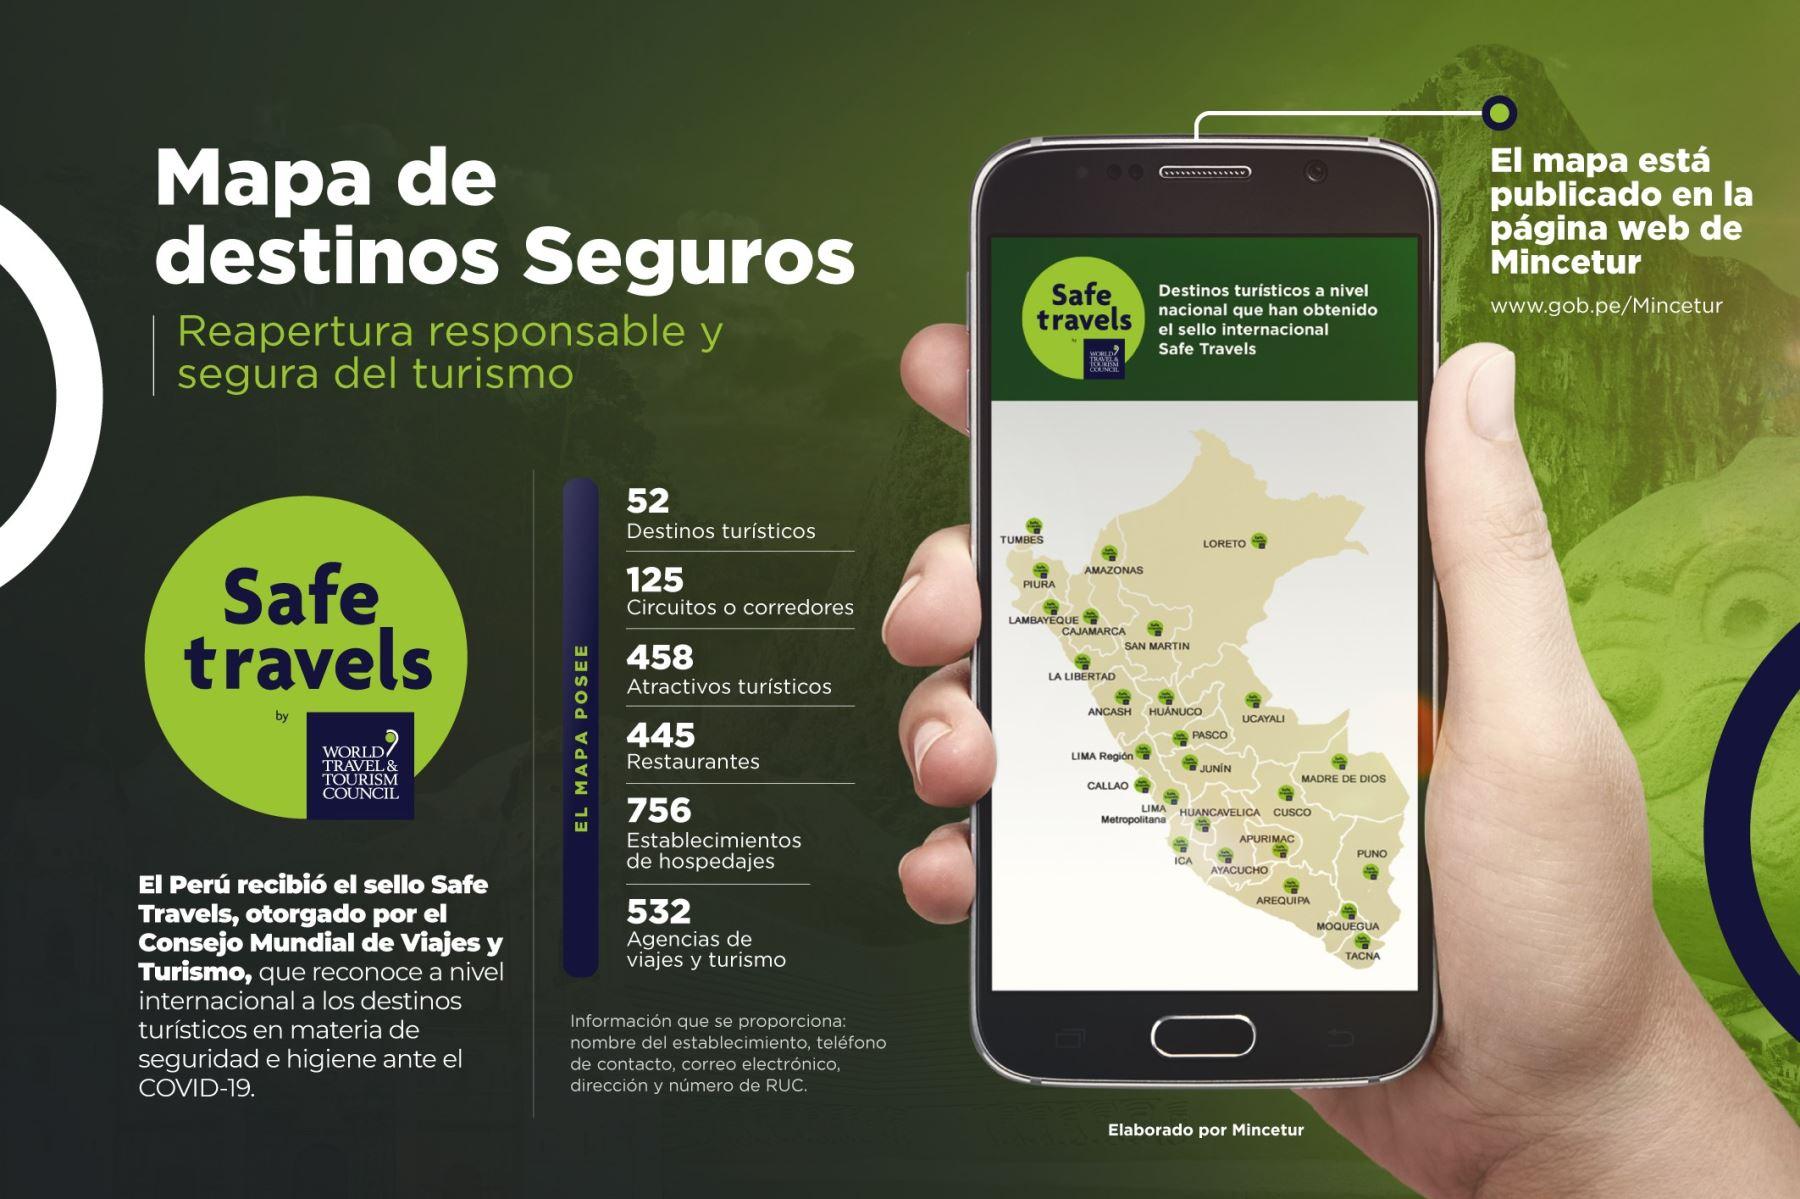 Mincetur presentó un mapa virtual que muestra los destinos, atractivos y establecimientos turísticos de todas las regiones del Perú que cuentan con el sello Safe Travels que los reconoce como destinos seguros ante el covid-19.